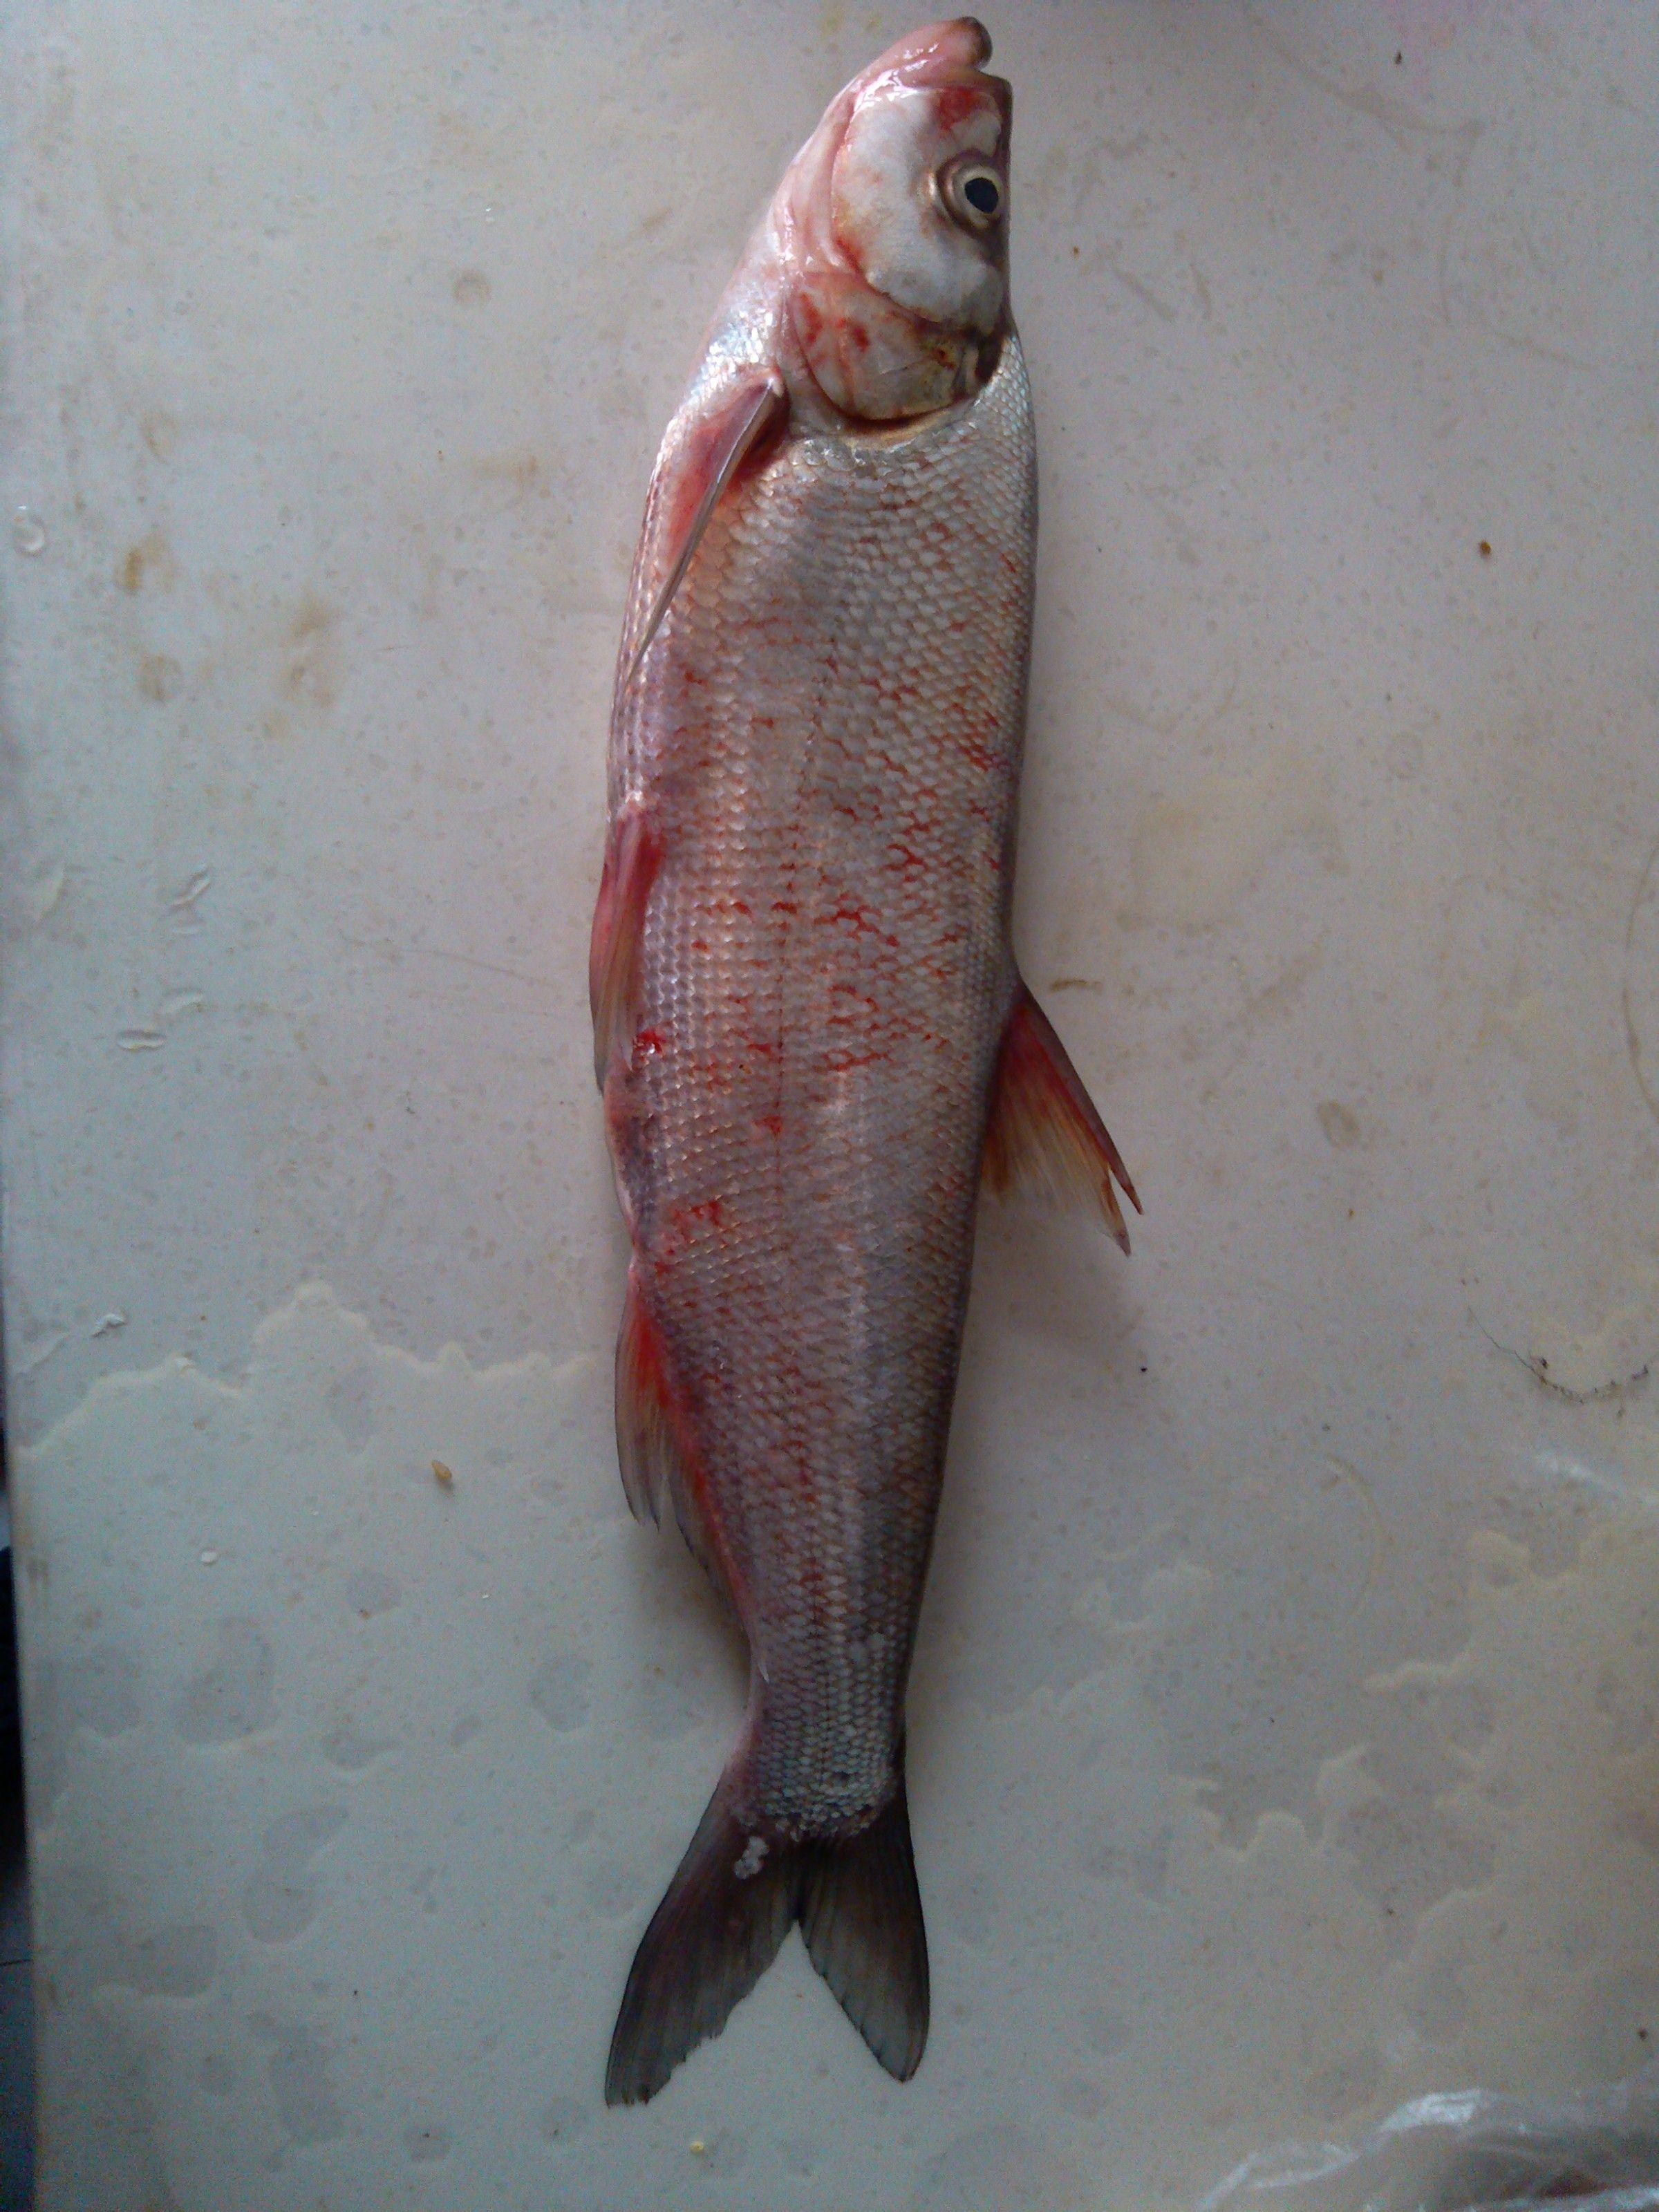 有哪些 淡水鱼名称图片大全 鱼的种类图片和名字